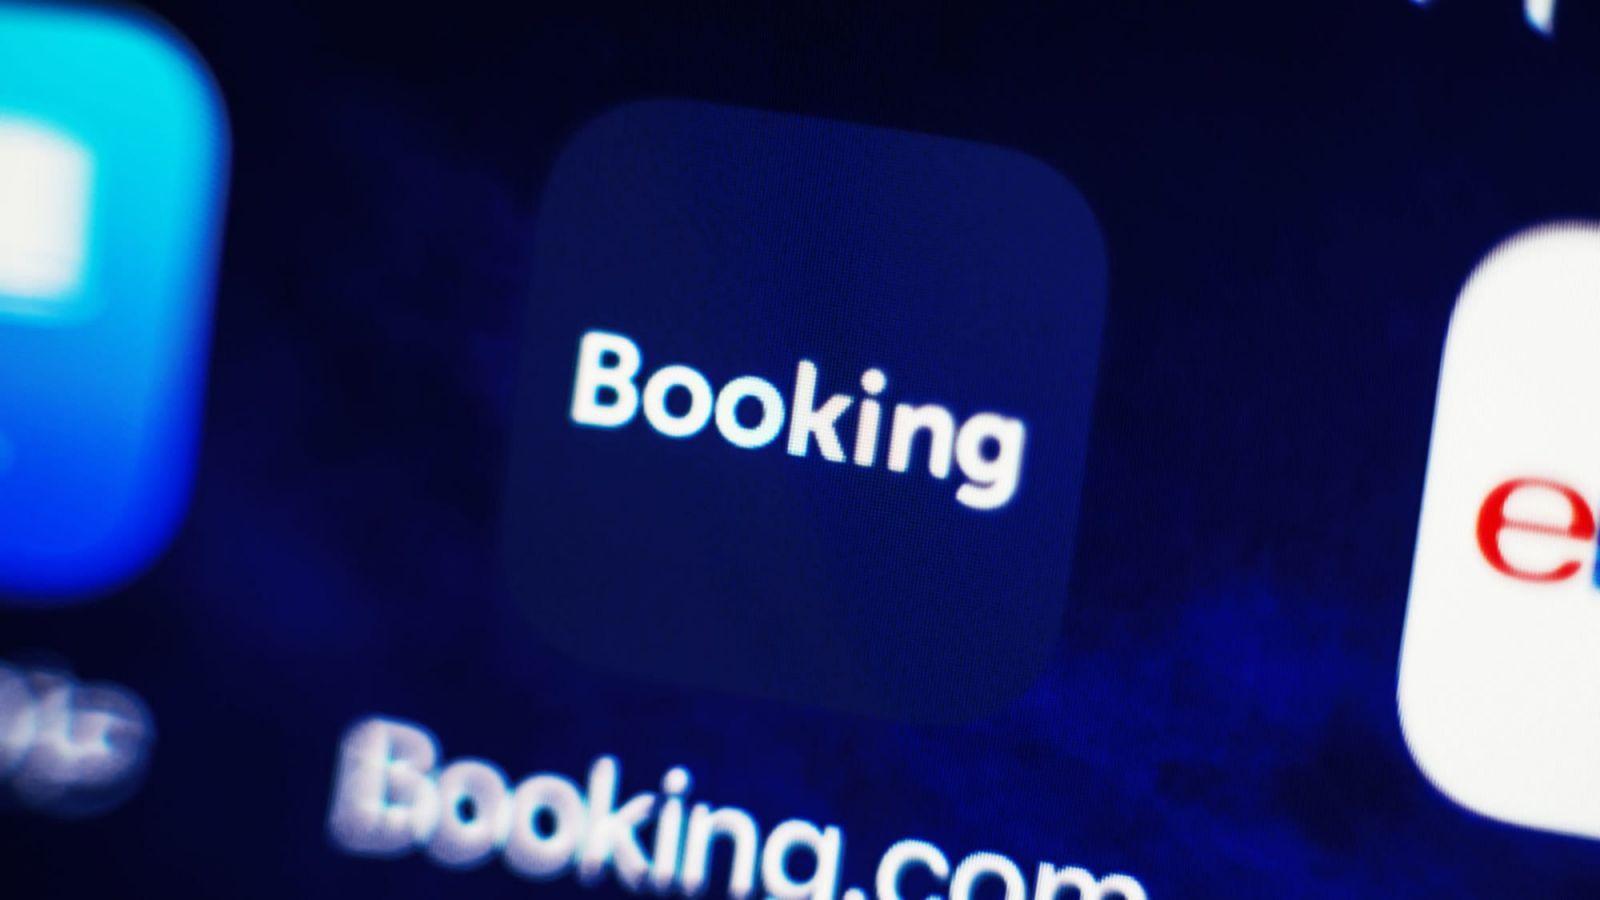 Россия начала антимонопольное расследование в отношении Booking.com (dims 4)